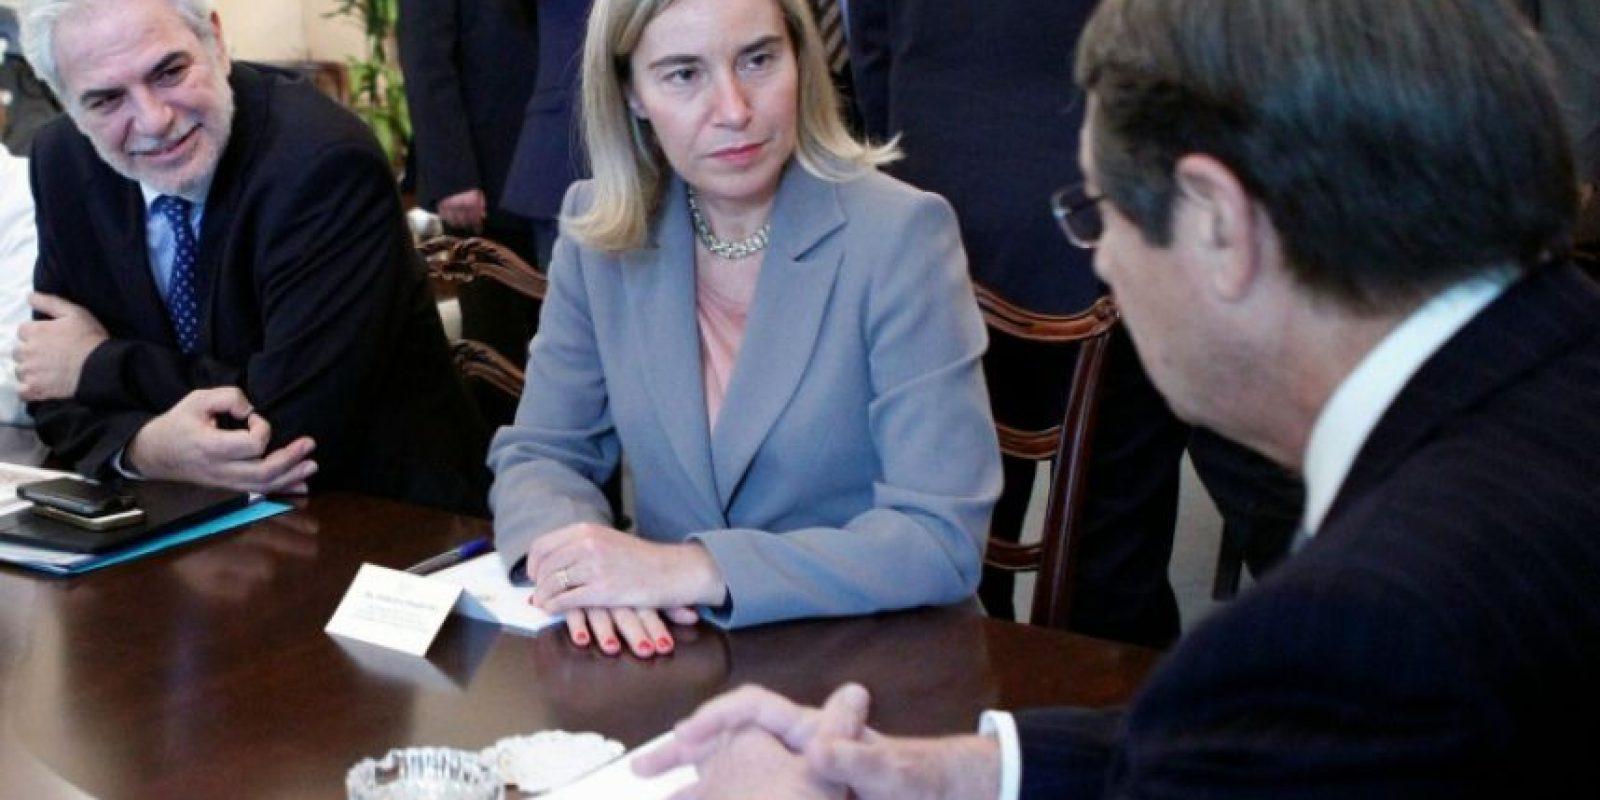 Foto oficial divulgada el 28 de octubre de 2016, muestra al presidente chipriota, Nicos Anastasiades (D), en entrevista con con la jefa de política exterior de la UE, Federica Mogherini (C), en la capital de Chipre, Nicosia. Foto:CHRISTOS AVRAAMIDES/afp.com